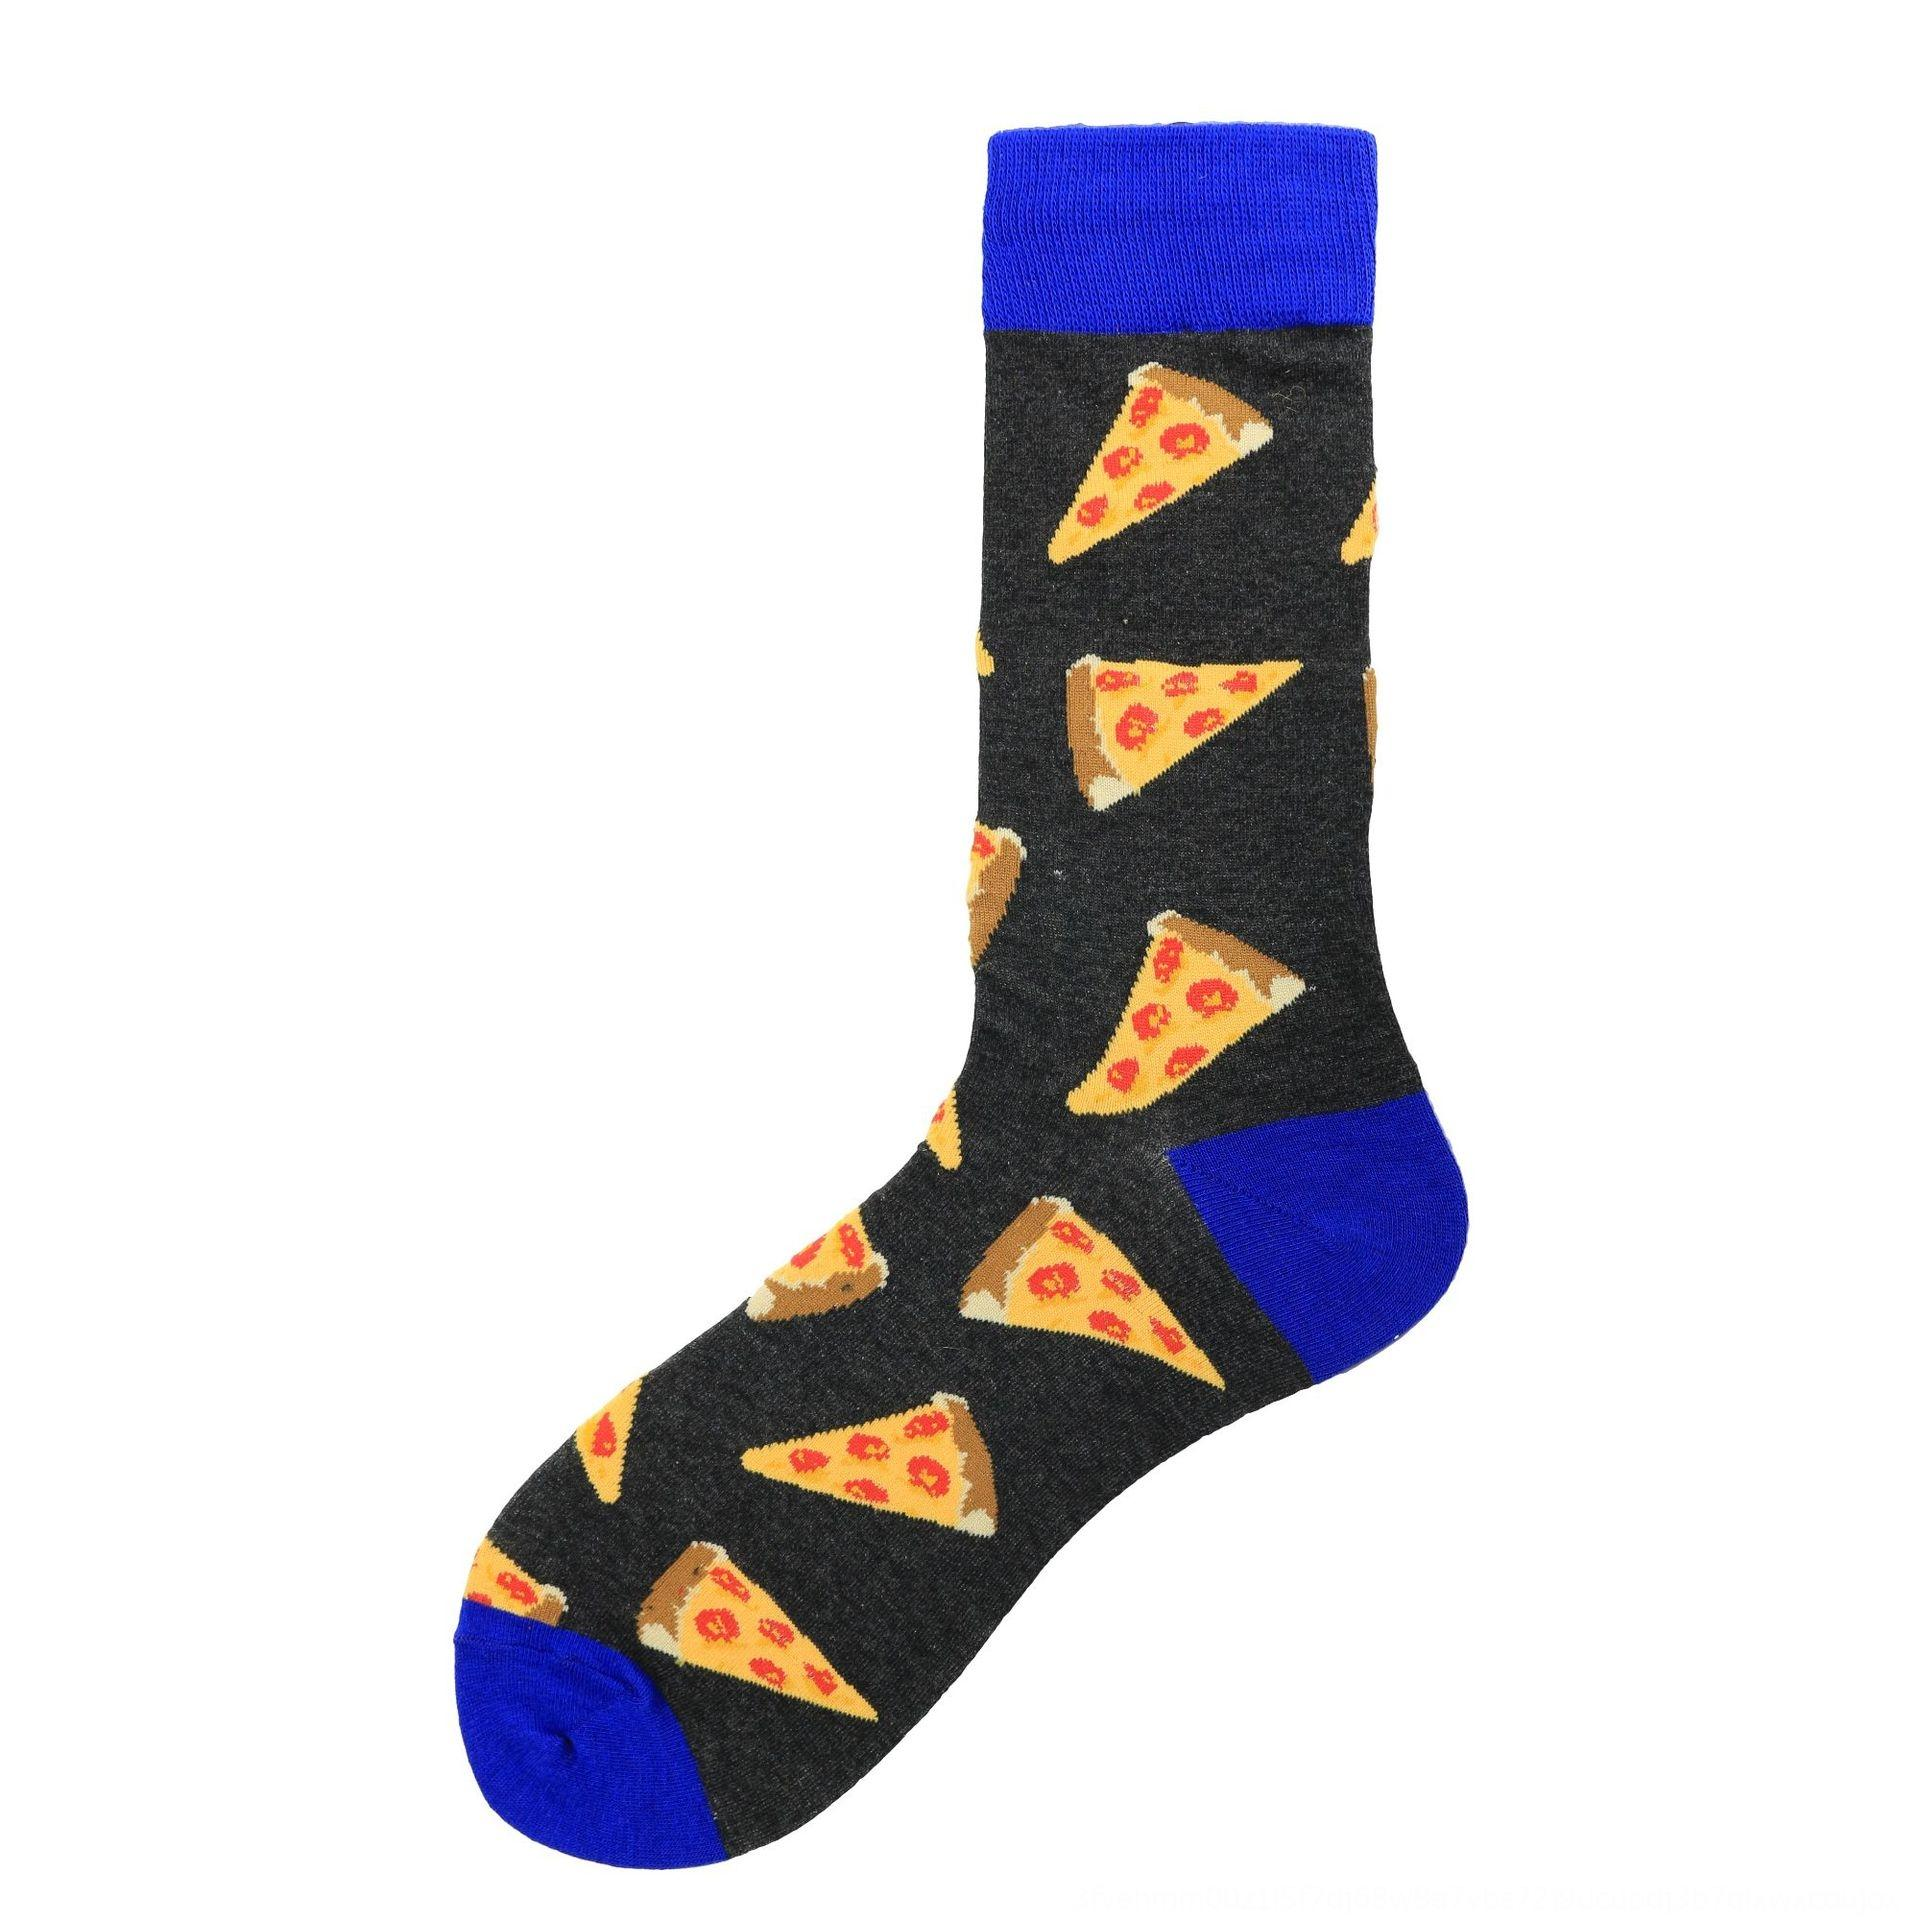 Горячие моды хлопка и цвета вскользь носки хлопка гурман горячий горшок серии моды носки